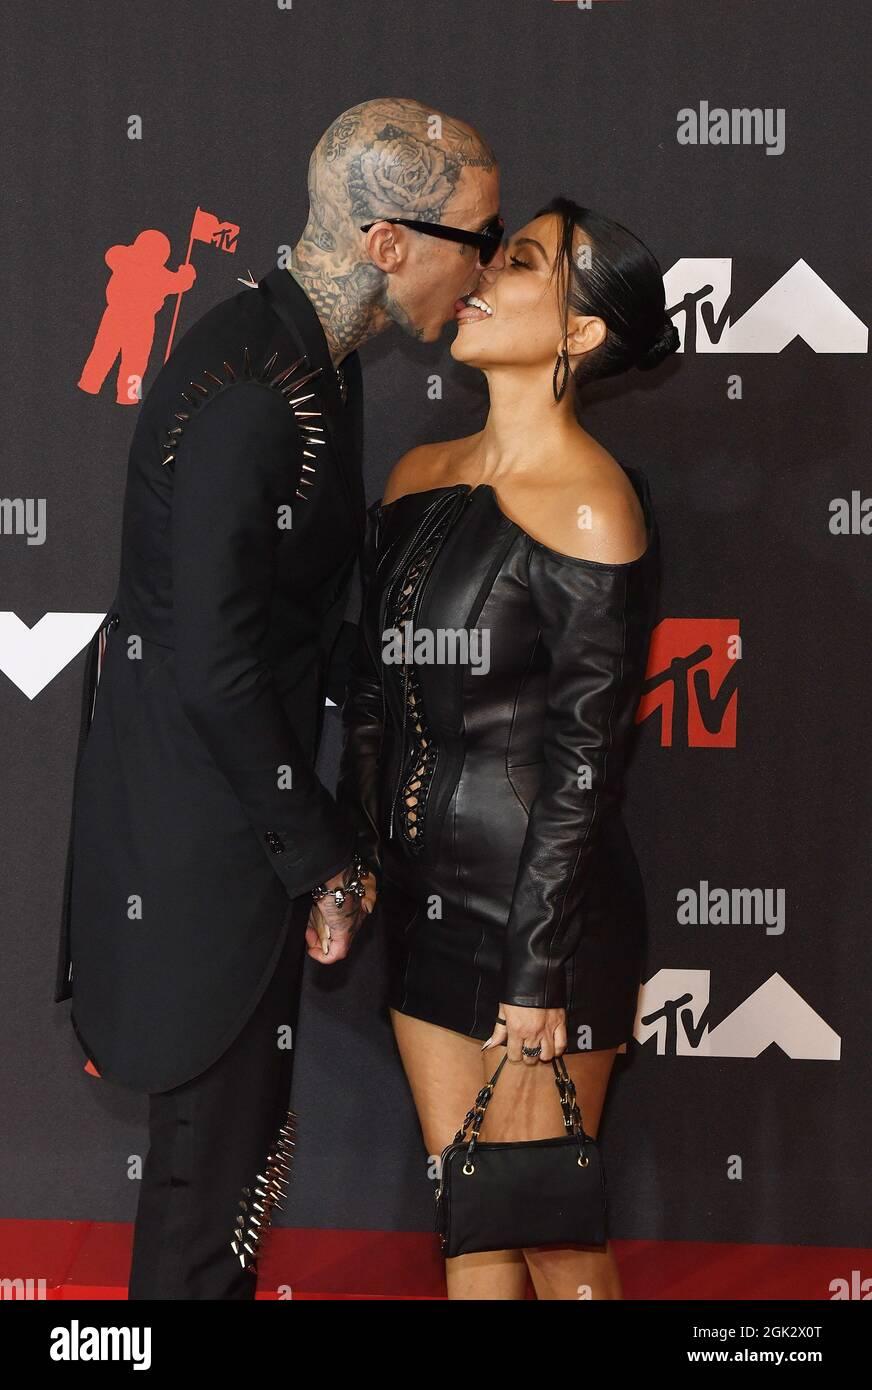 Travis Barker, Kourtney Kardashian, s'embrasse sur le Carper rouge lors des MTV Video Music Awards 2021 au Barclays Center le 12 septembre 2021 dans le quartier de Brooklyn à New York. Photo : Jeremy Smith/imageSPACE Banque D'Images